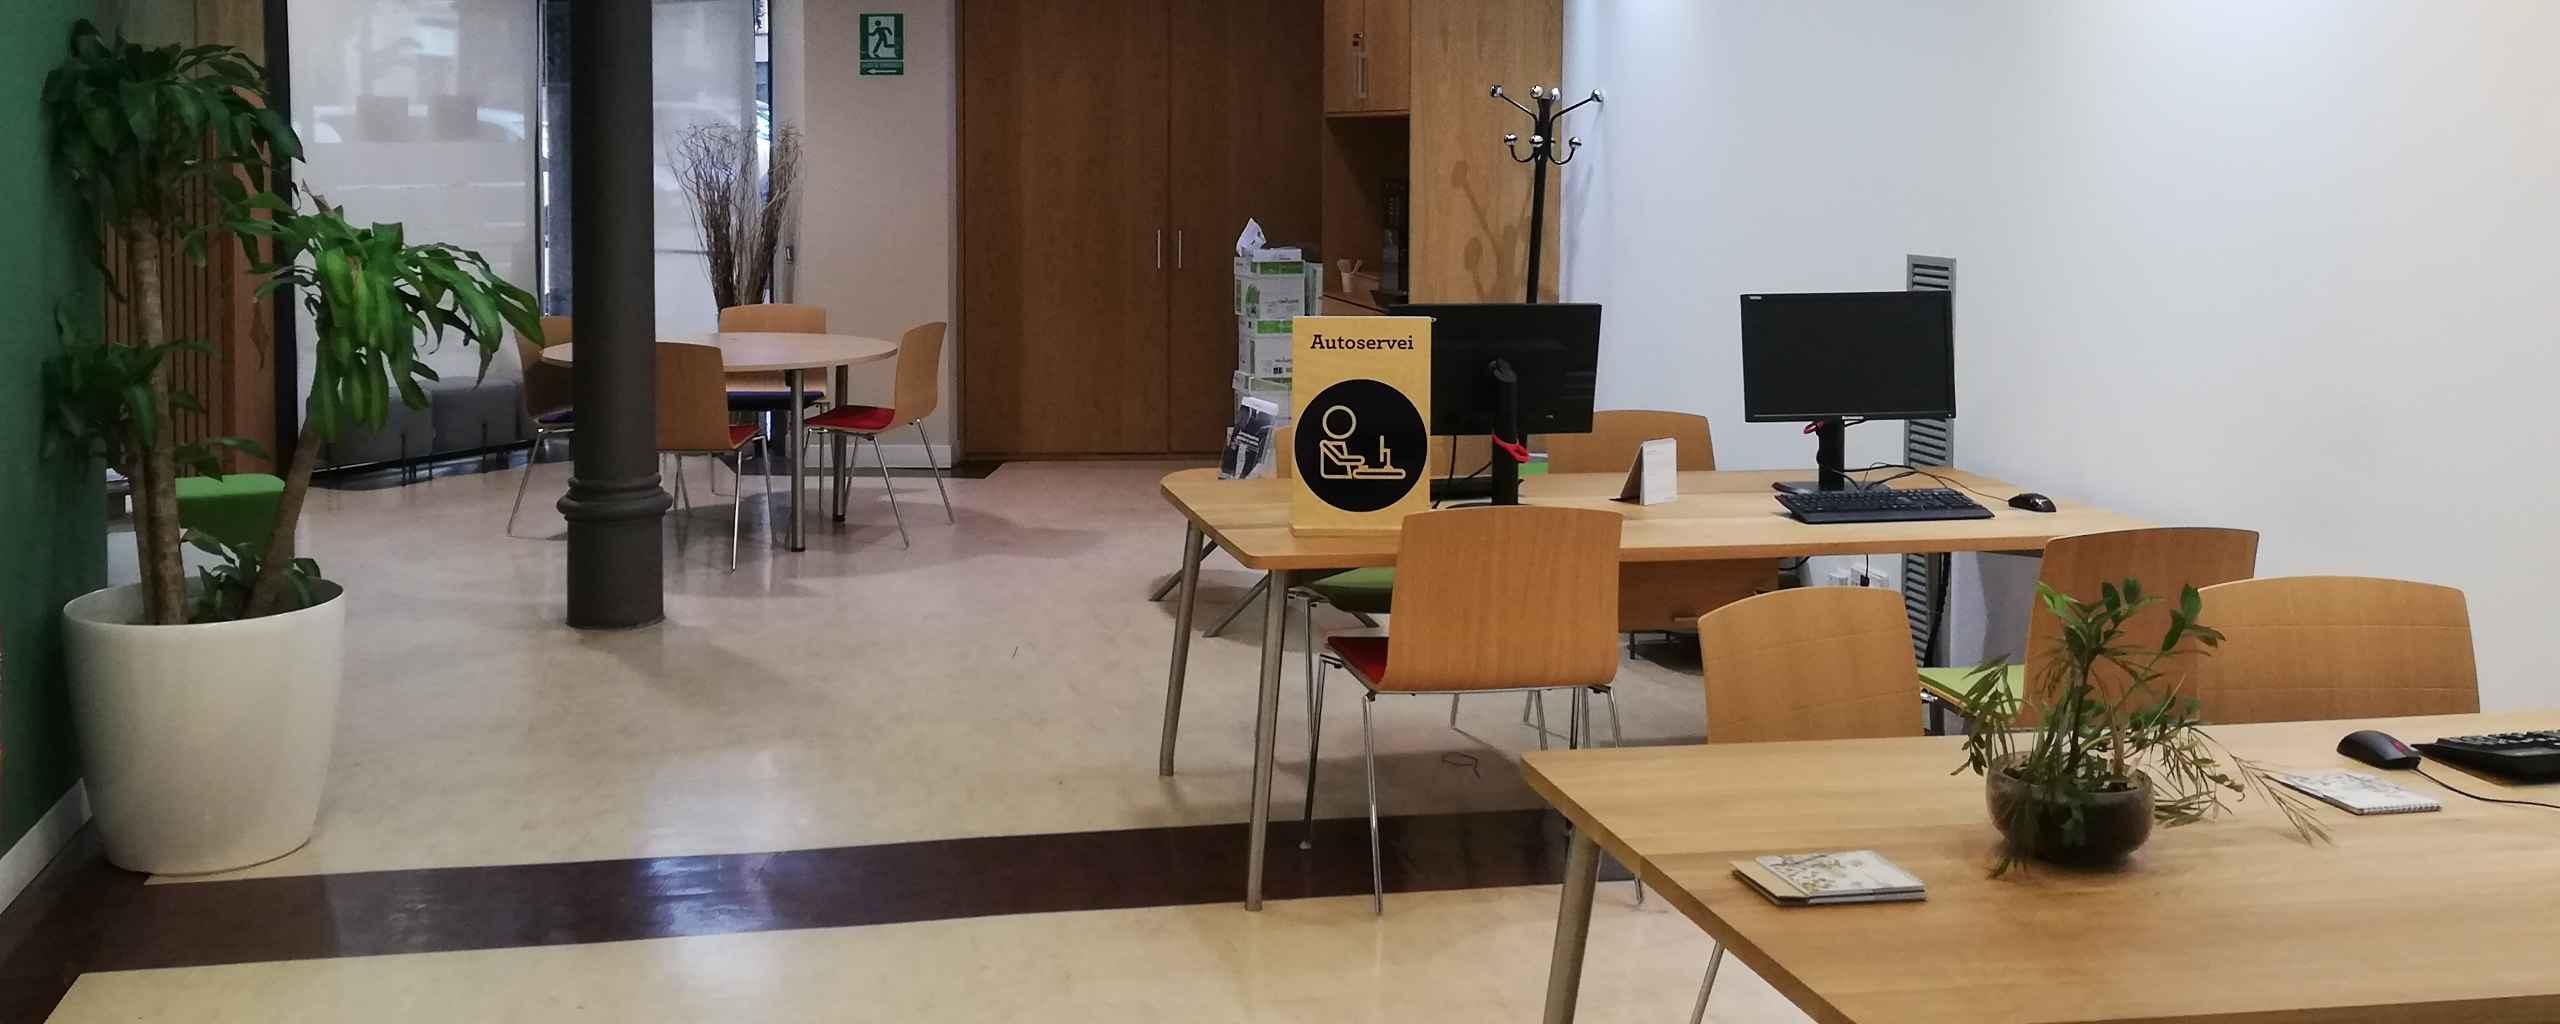 ecoclay Triodos Bank Barcelona 1